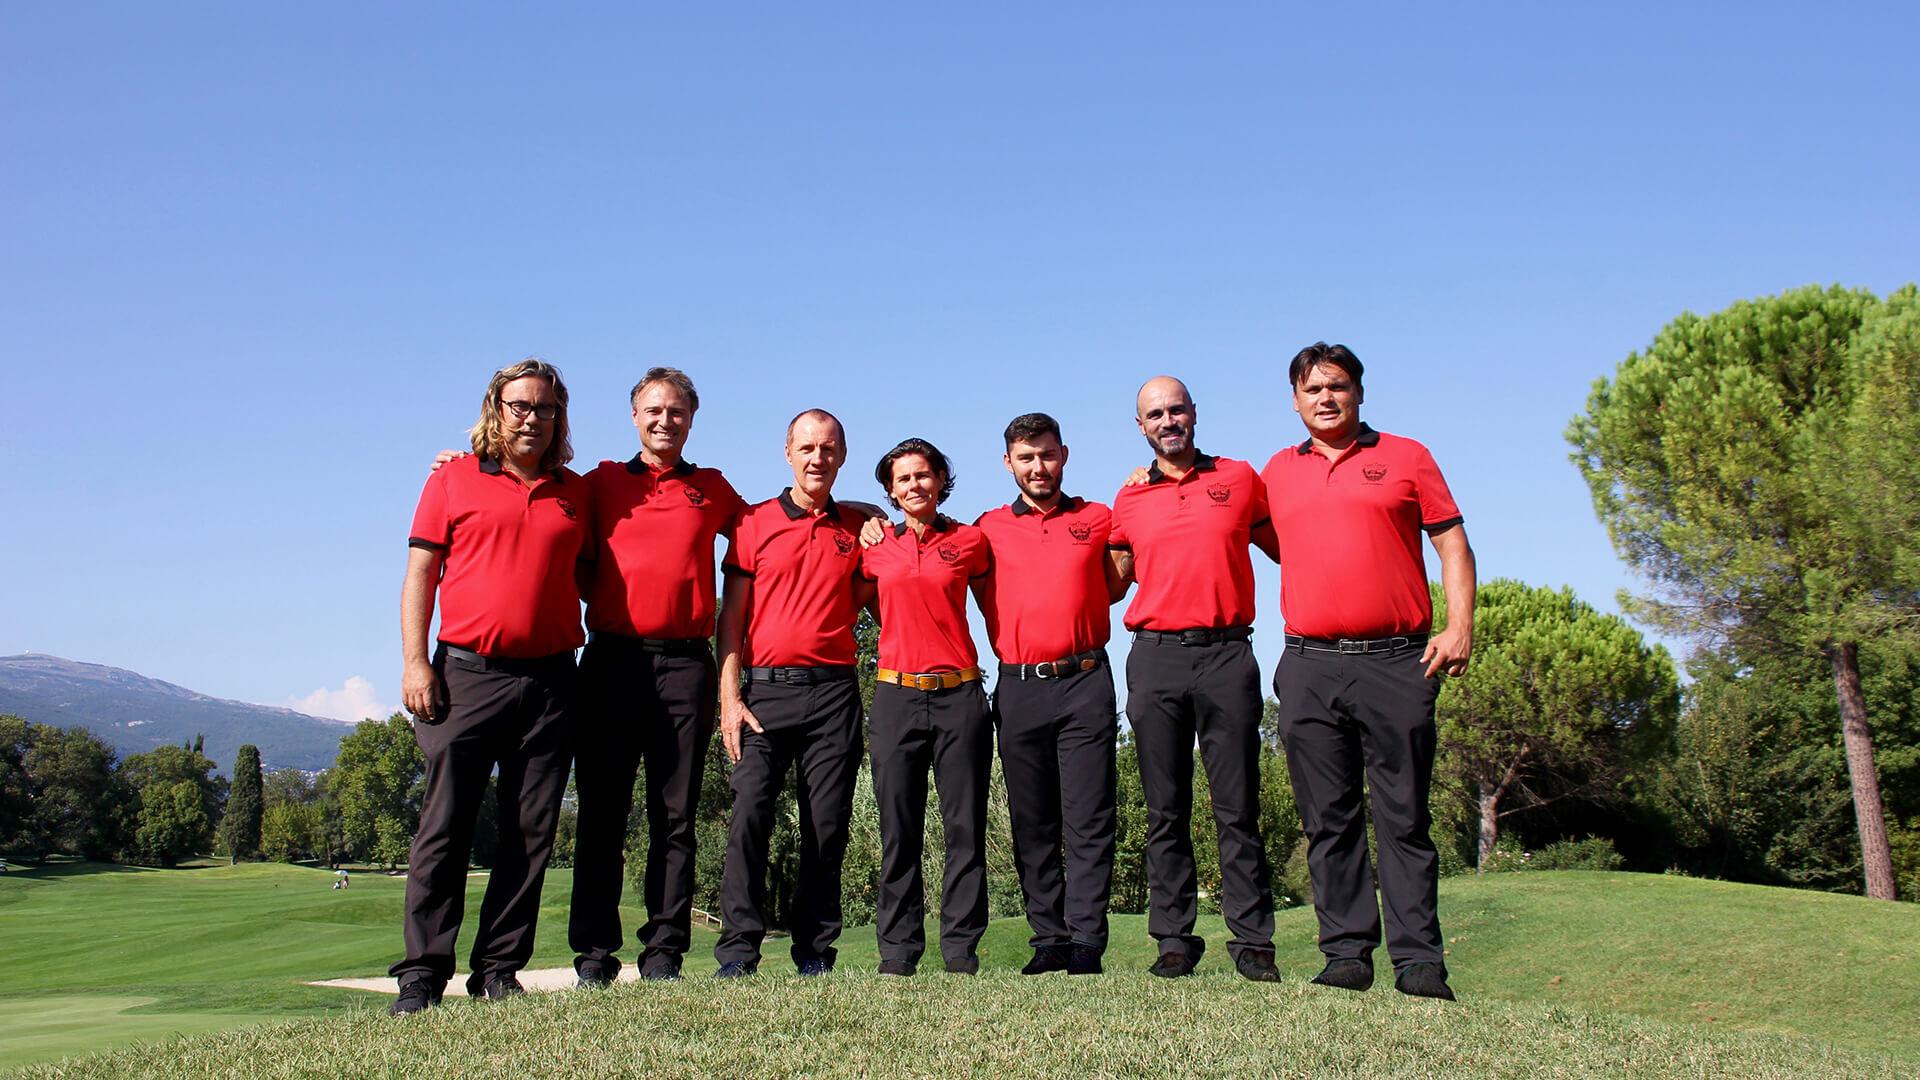 Académie enseignant stages et cours de golf à Cannes en PACA